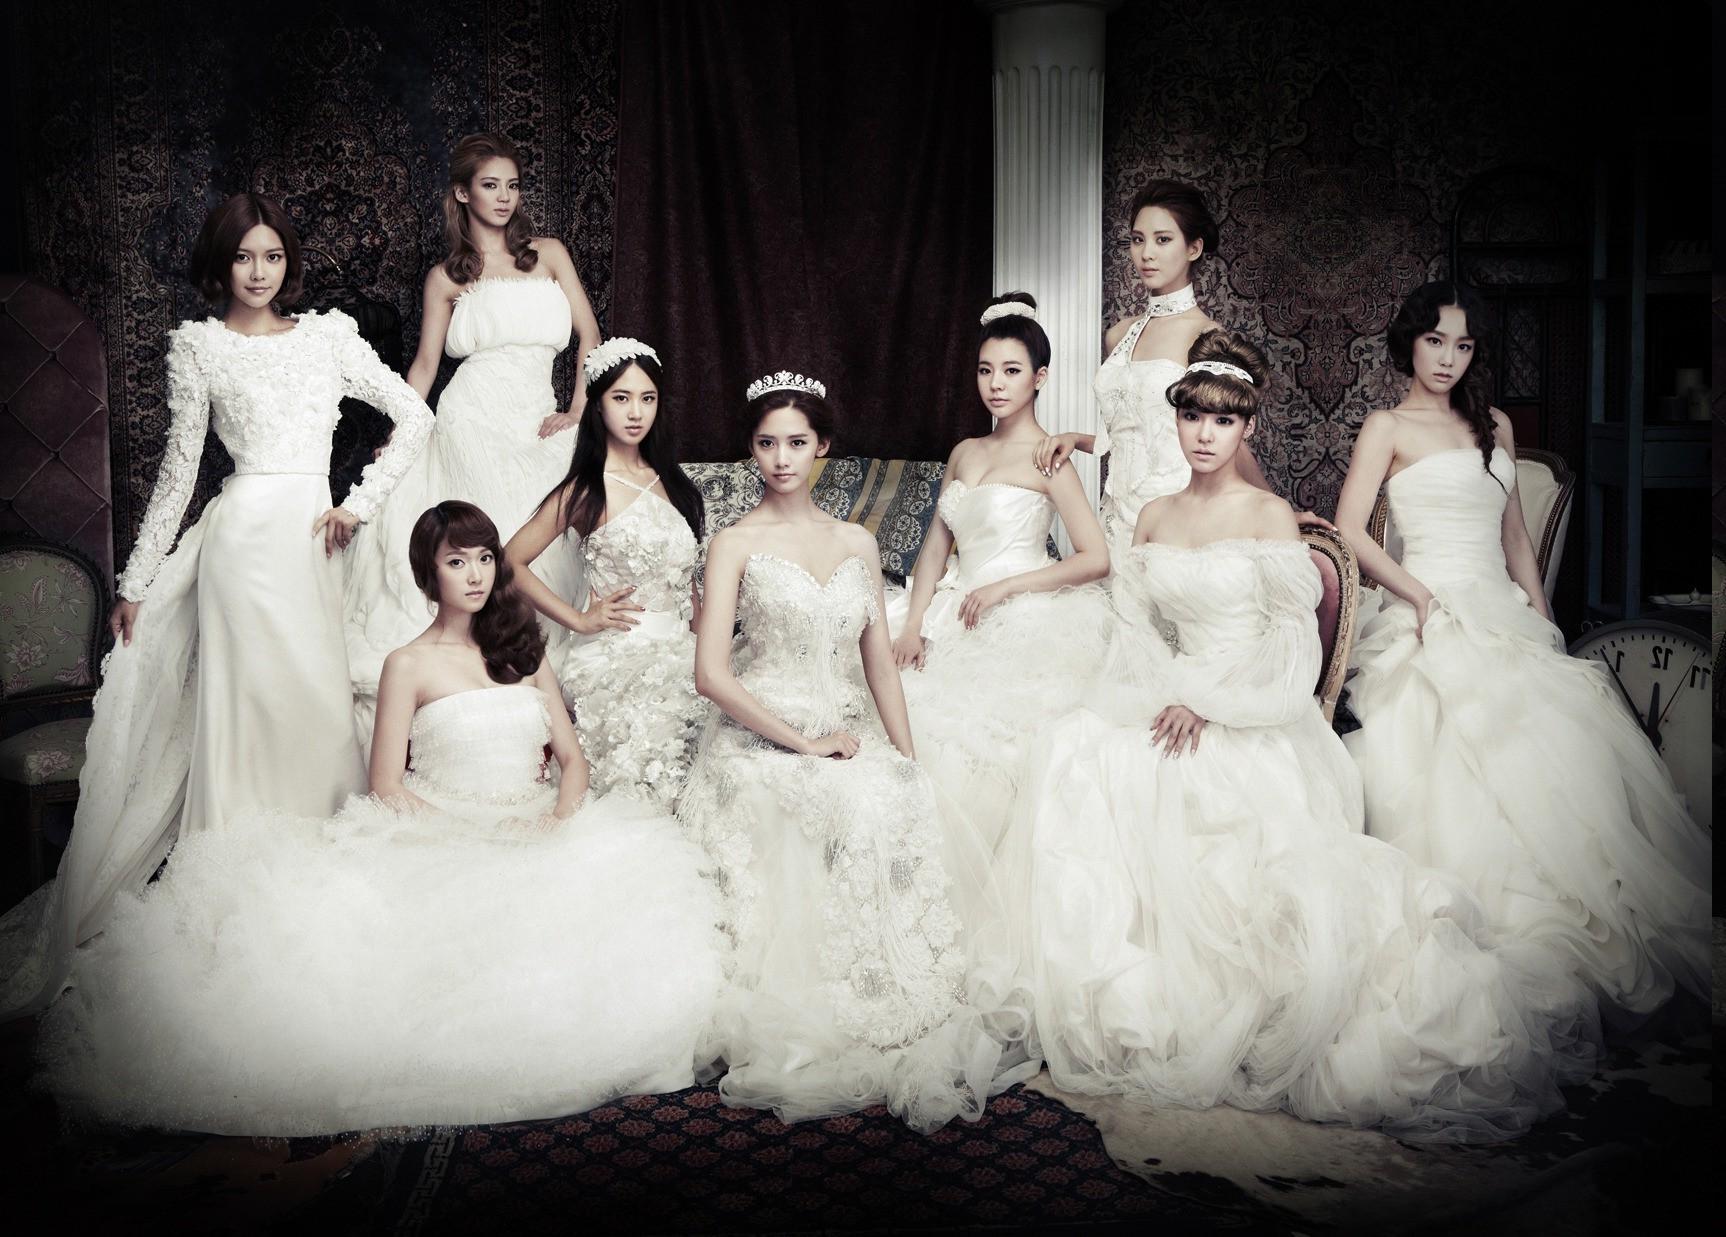 Hintergrundbilder : Weiß, asiatisch, weißes Kleid, Fotografie ...